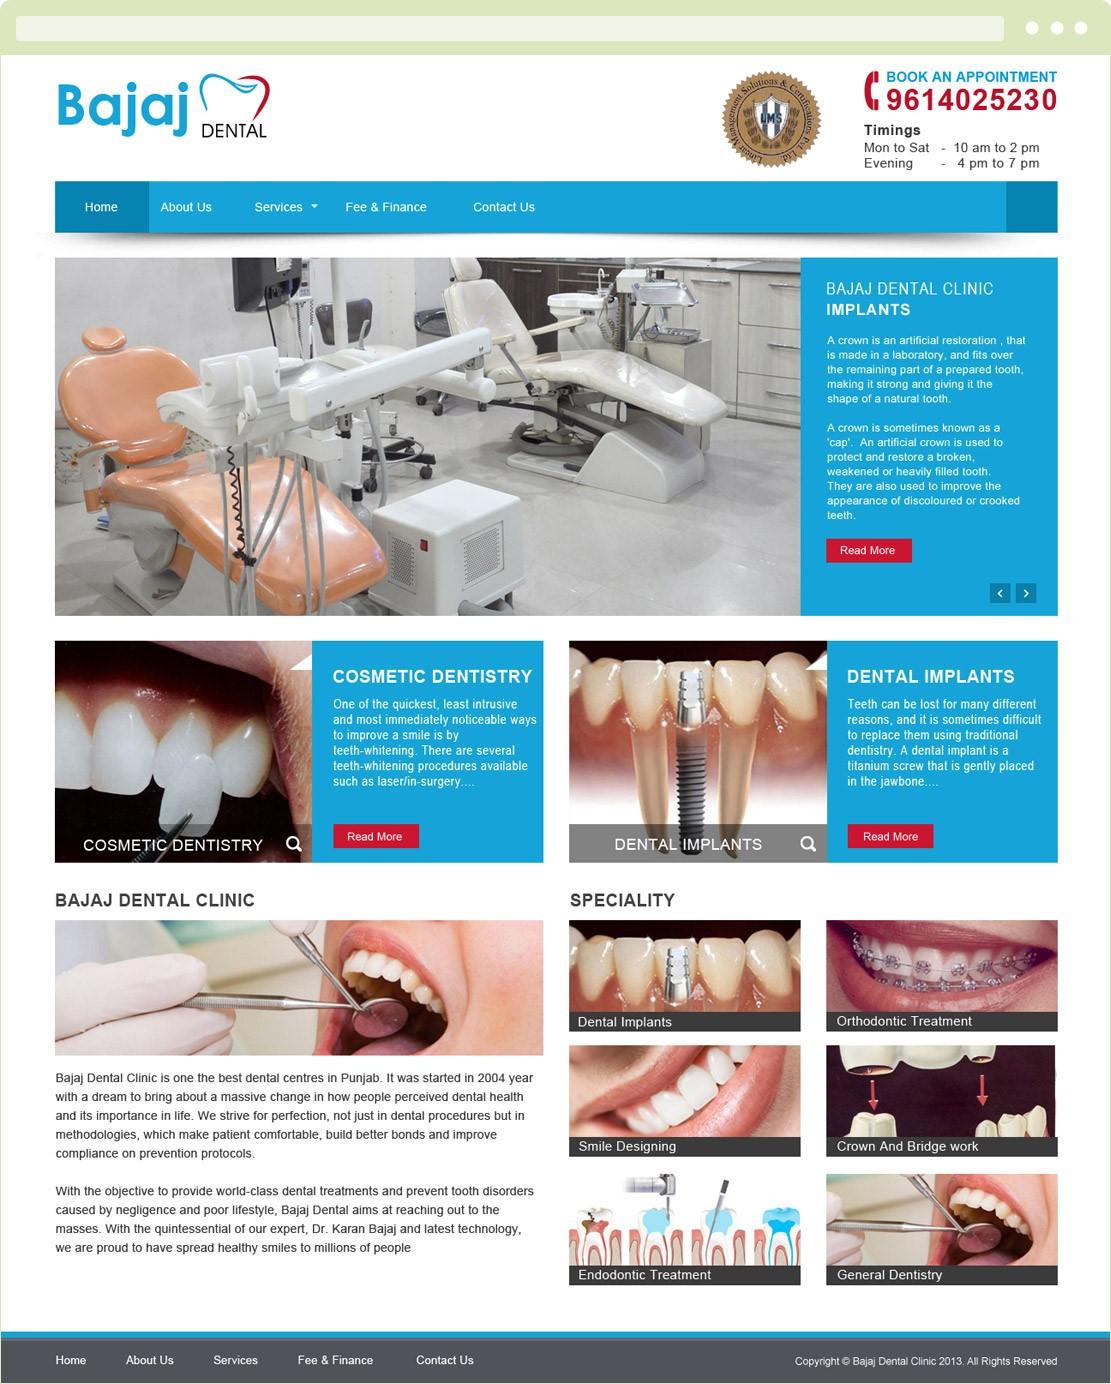 Bajaj Dental